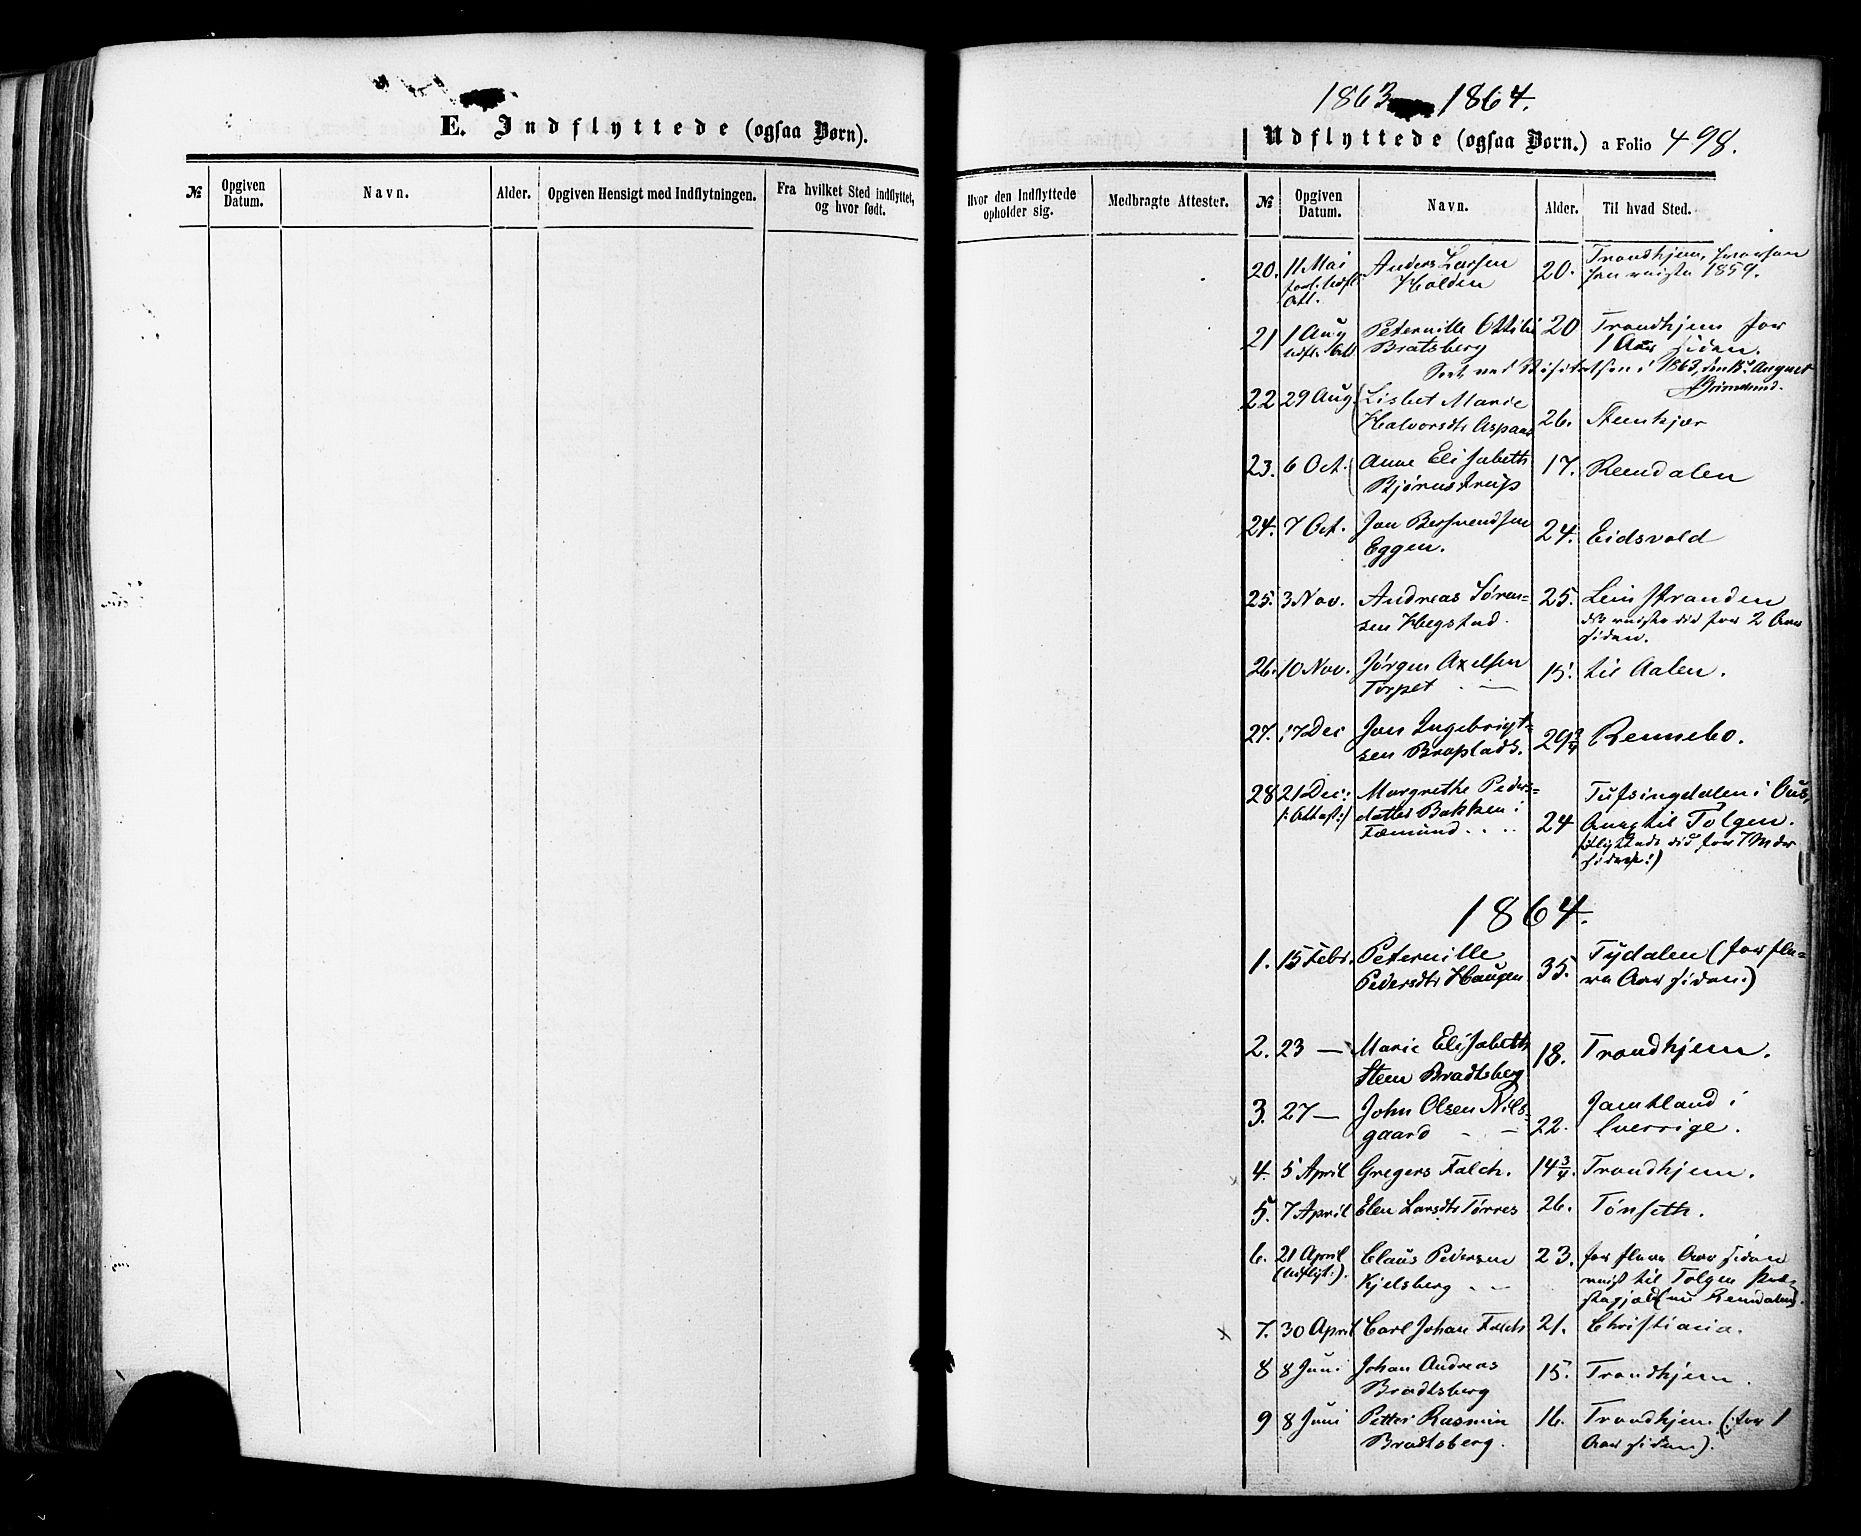 SAT, Ministerialprotokoller, klokkerbøker og fødselsregistre - Sør-Trøndelag, 681/L0932: Ministerialbok nr. 681A10, 1860-1878, s. 498